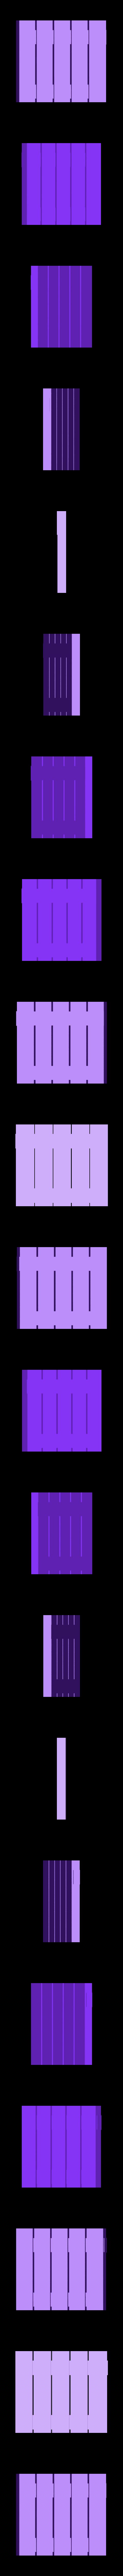 landing1.stl Télécharger fichier STL gratuit Ripper's London - The (Modular) Factory • Modèle pour imprimante 3D, Earsling